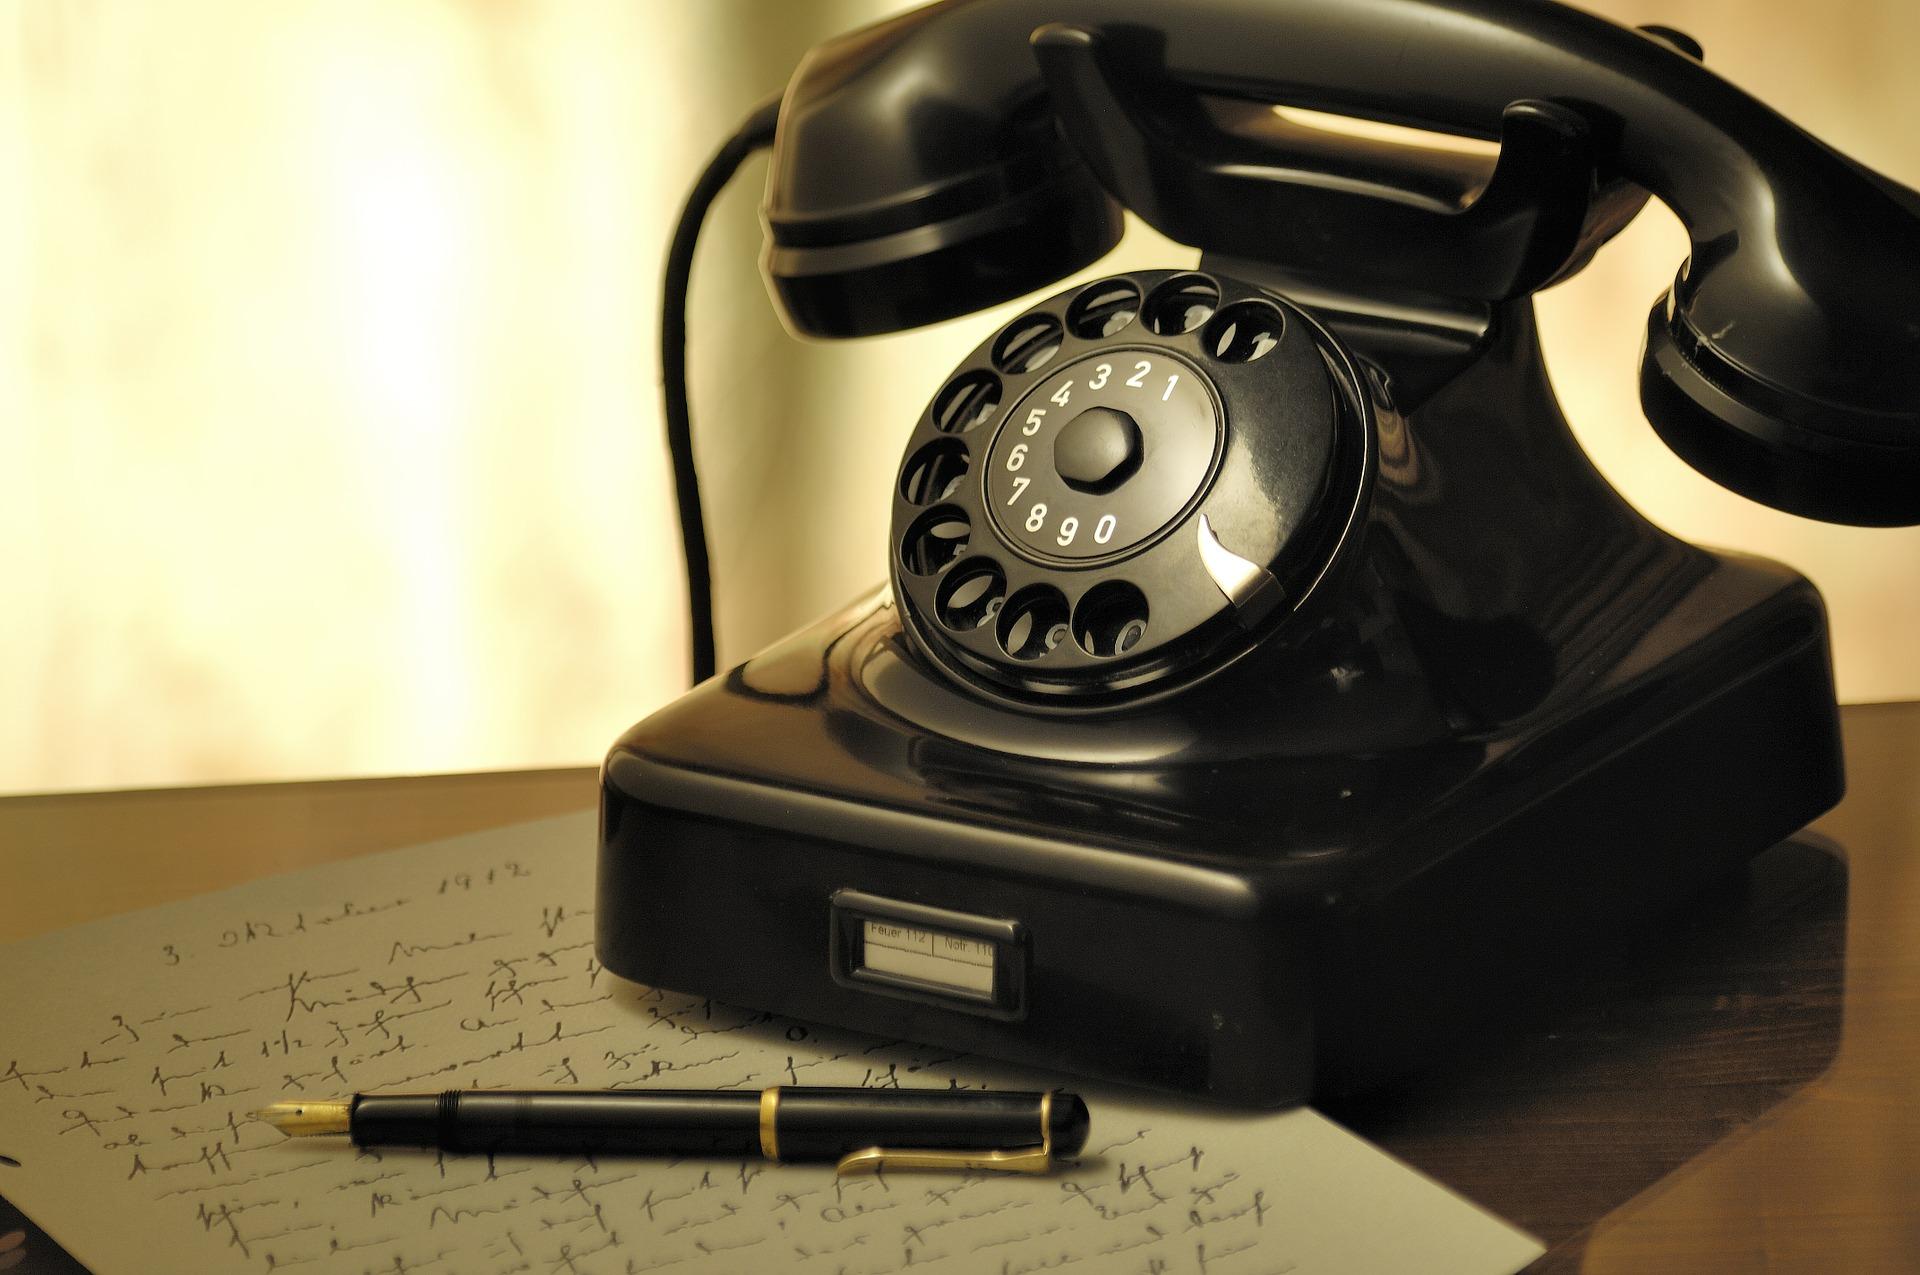 電話 番号 電報 Ntt